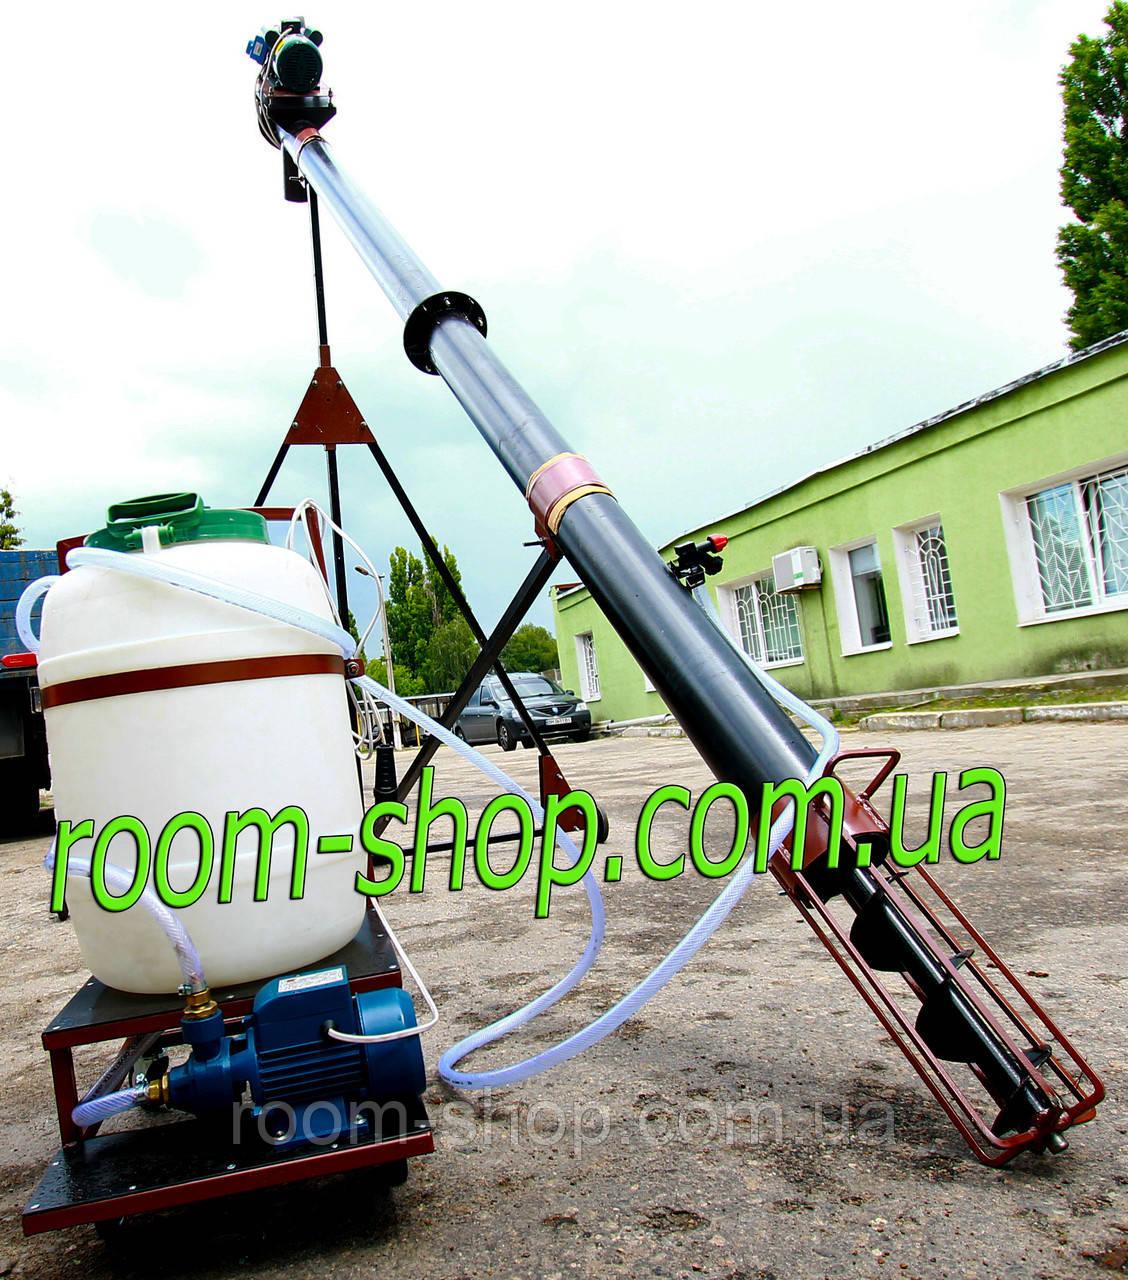 Шнековый погрузчик (транспортер) диаметром 159 мм на 6 метров, с протравителем семян